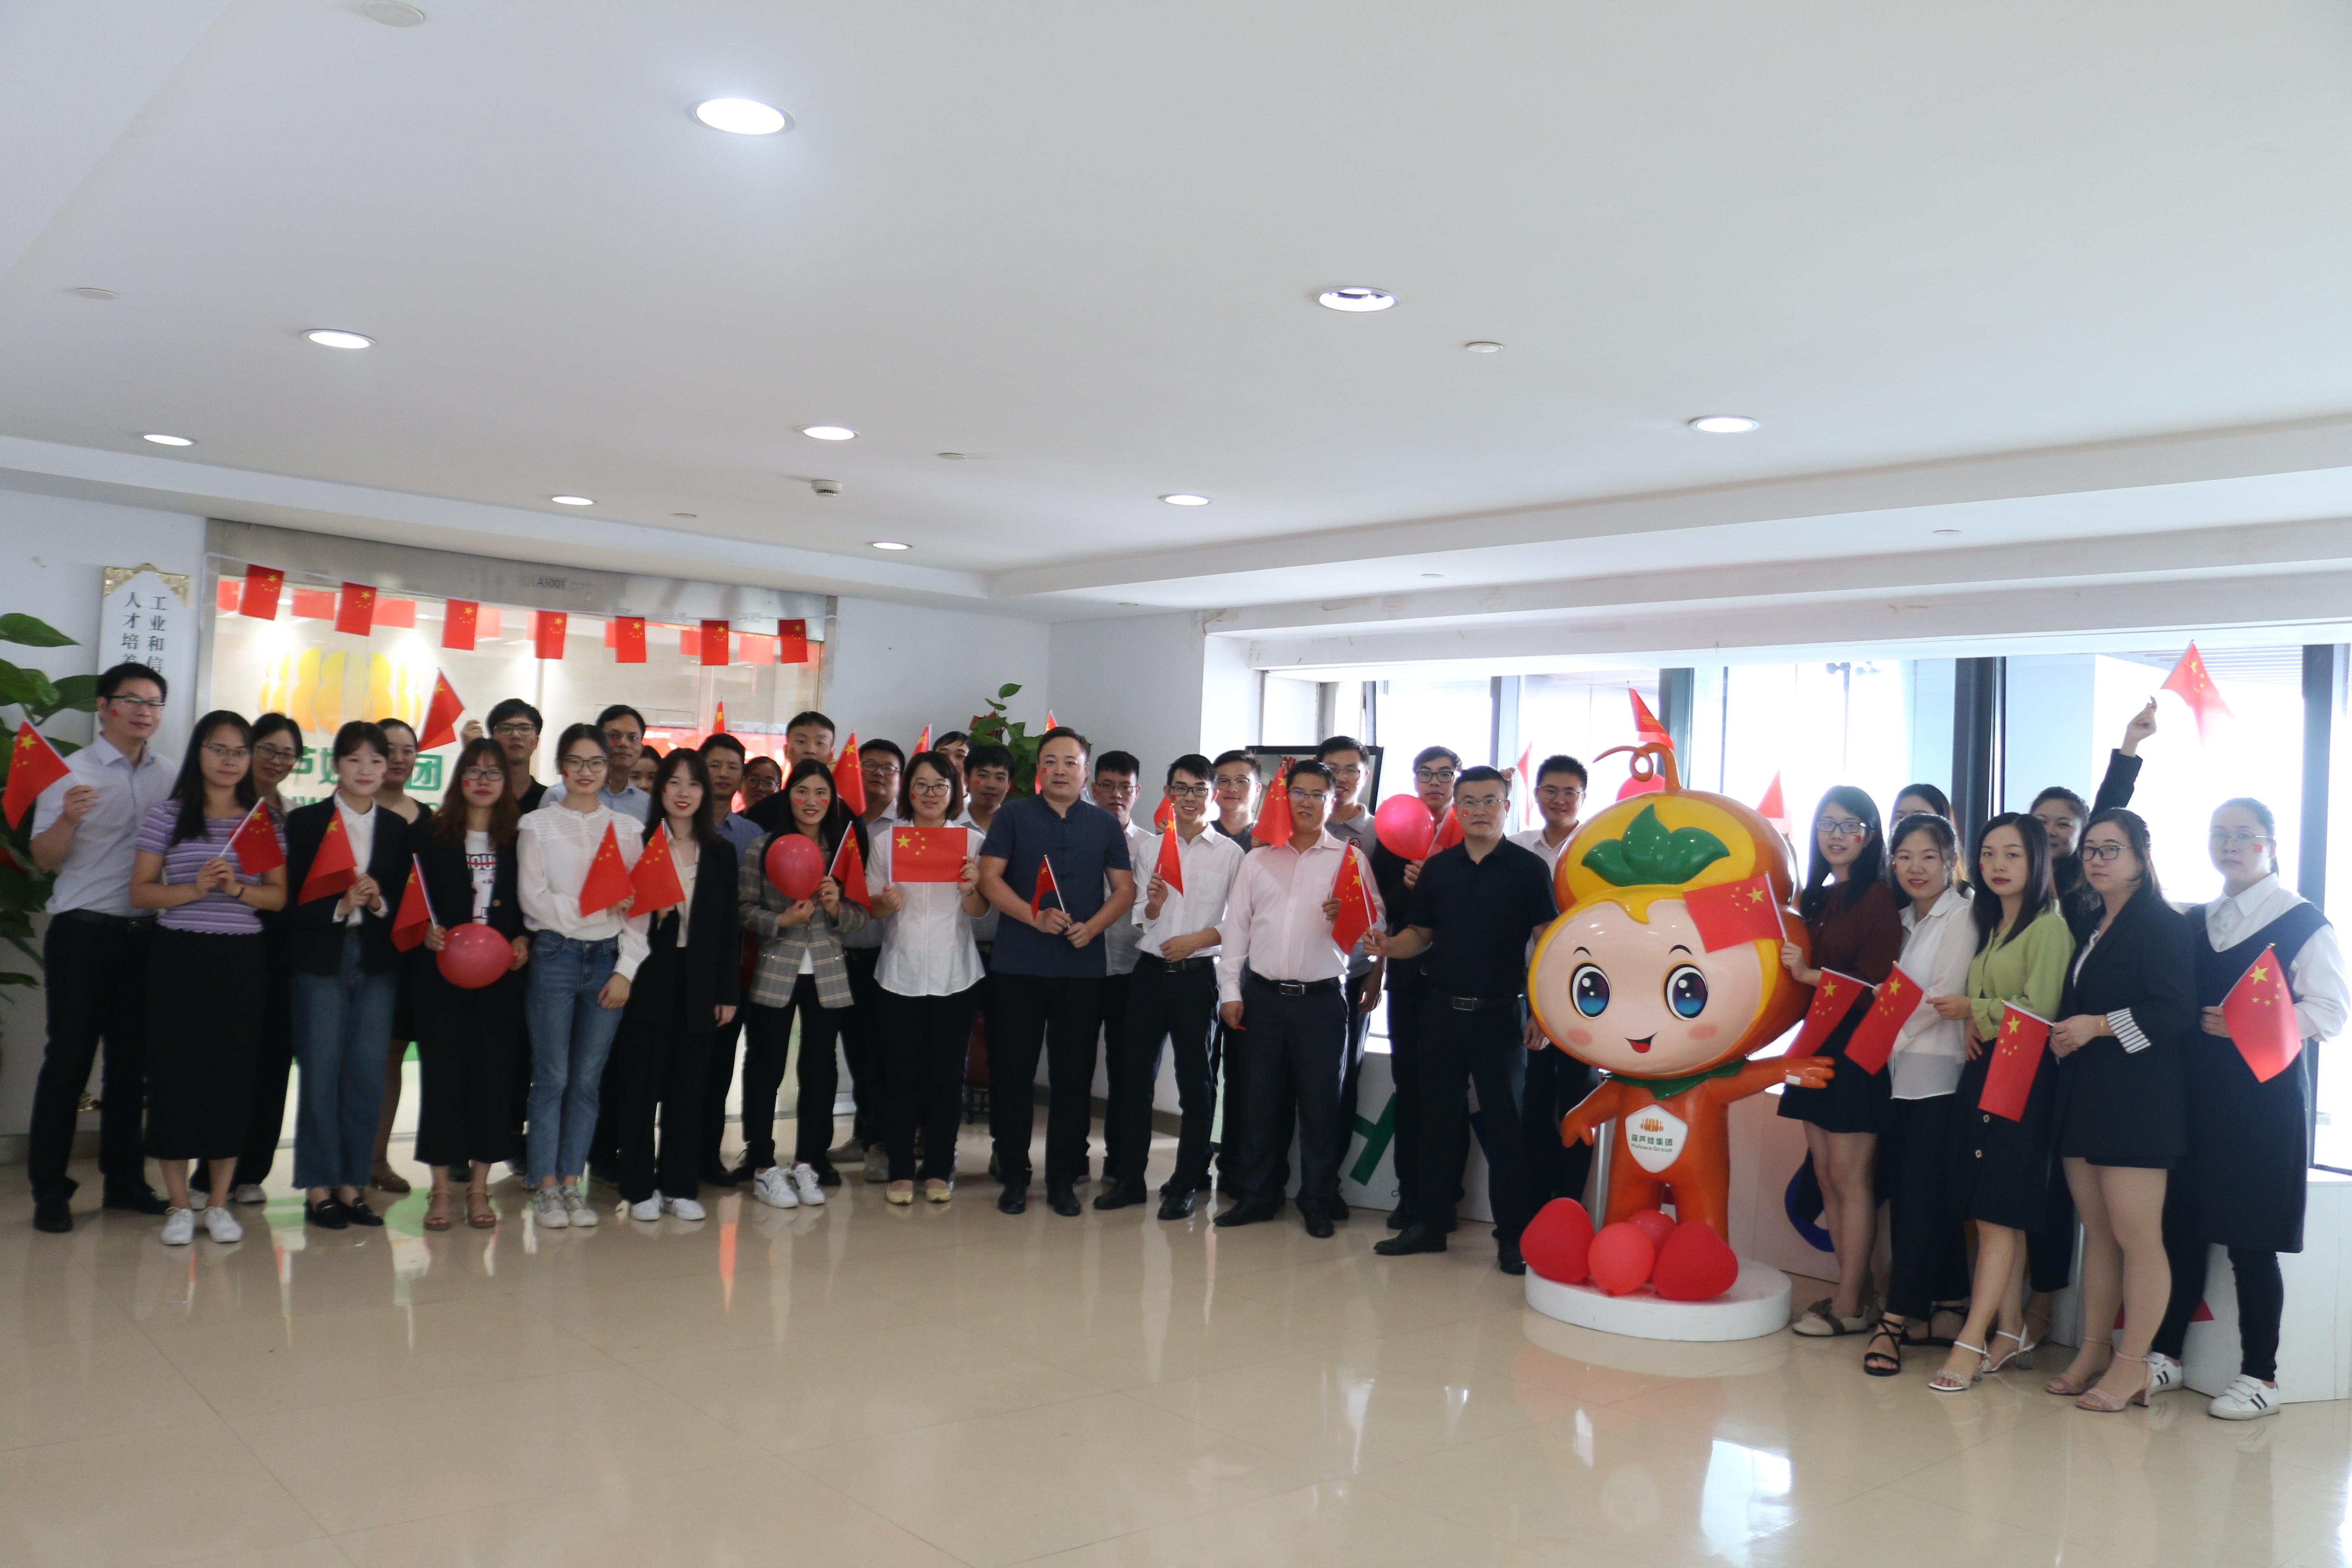 慶祝新中國70華誕 AG8手机集團深情送祝福